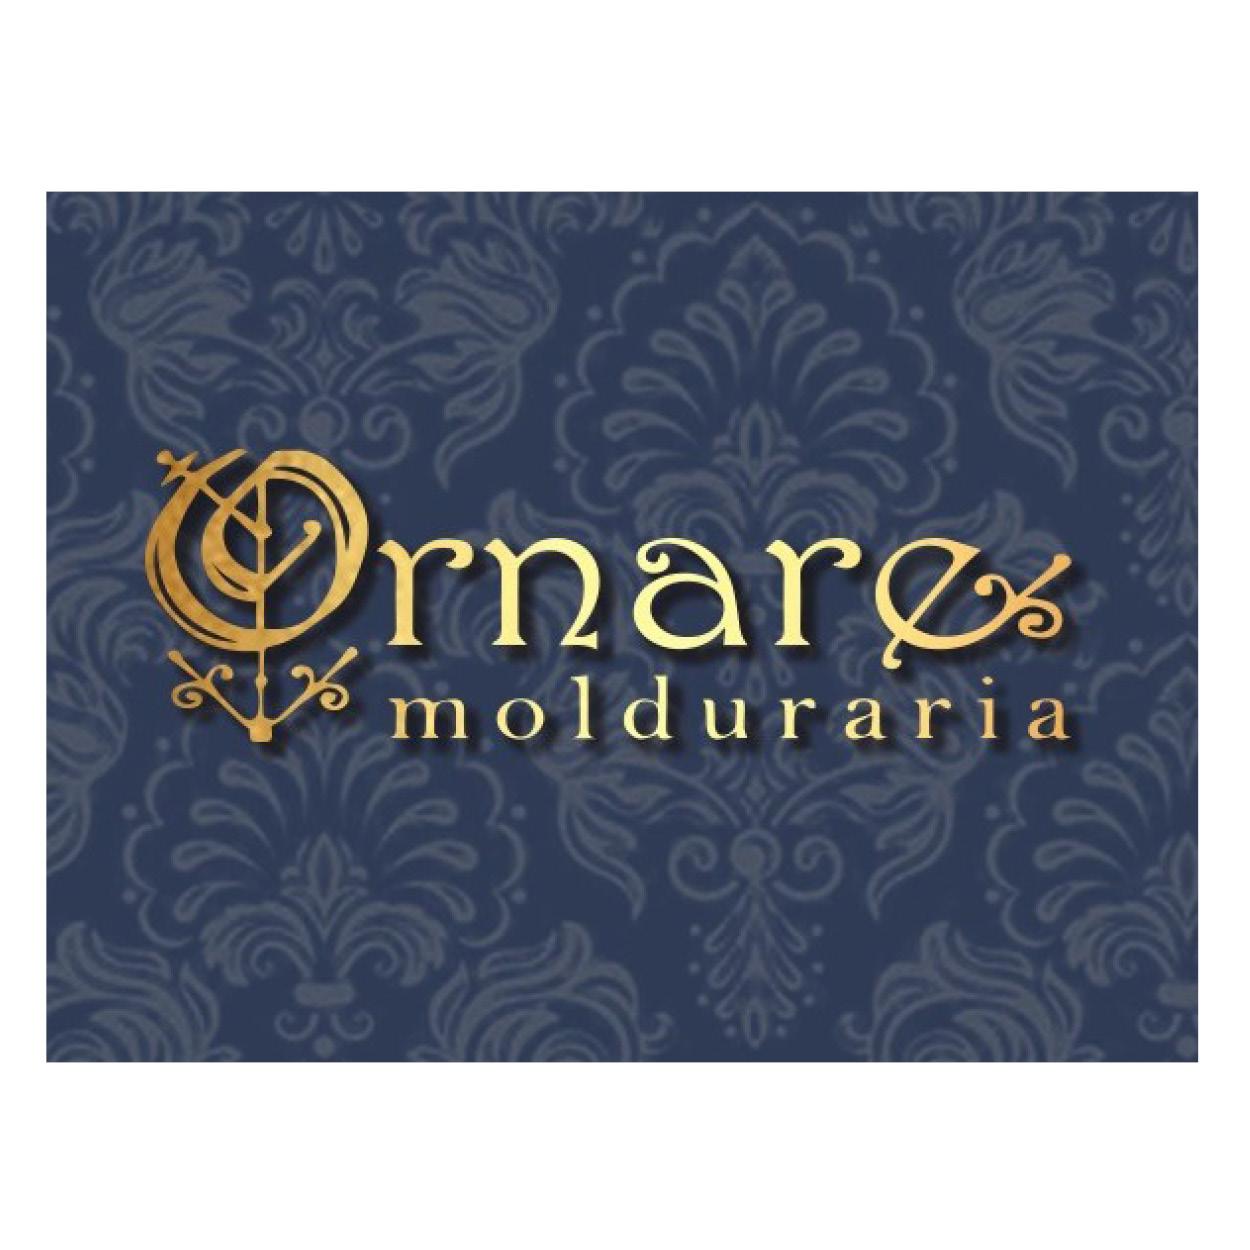 Associado ABUP - ORNARE MOLDURARIA